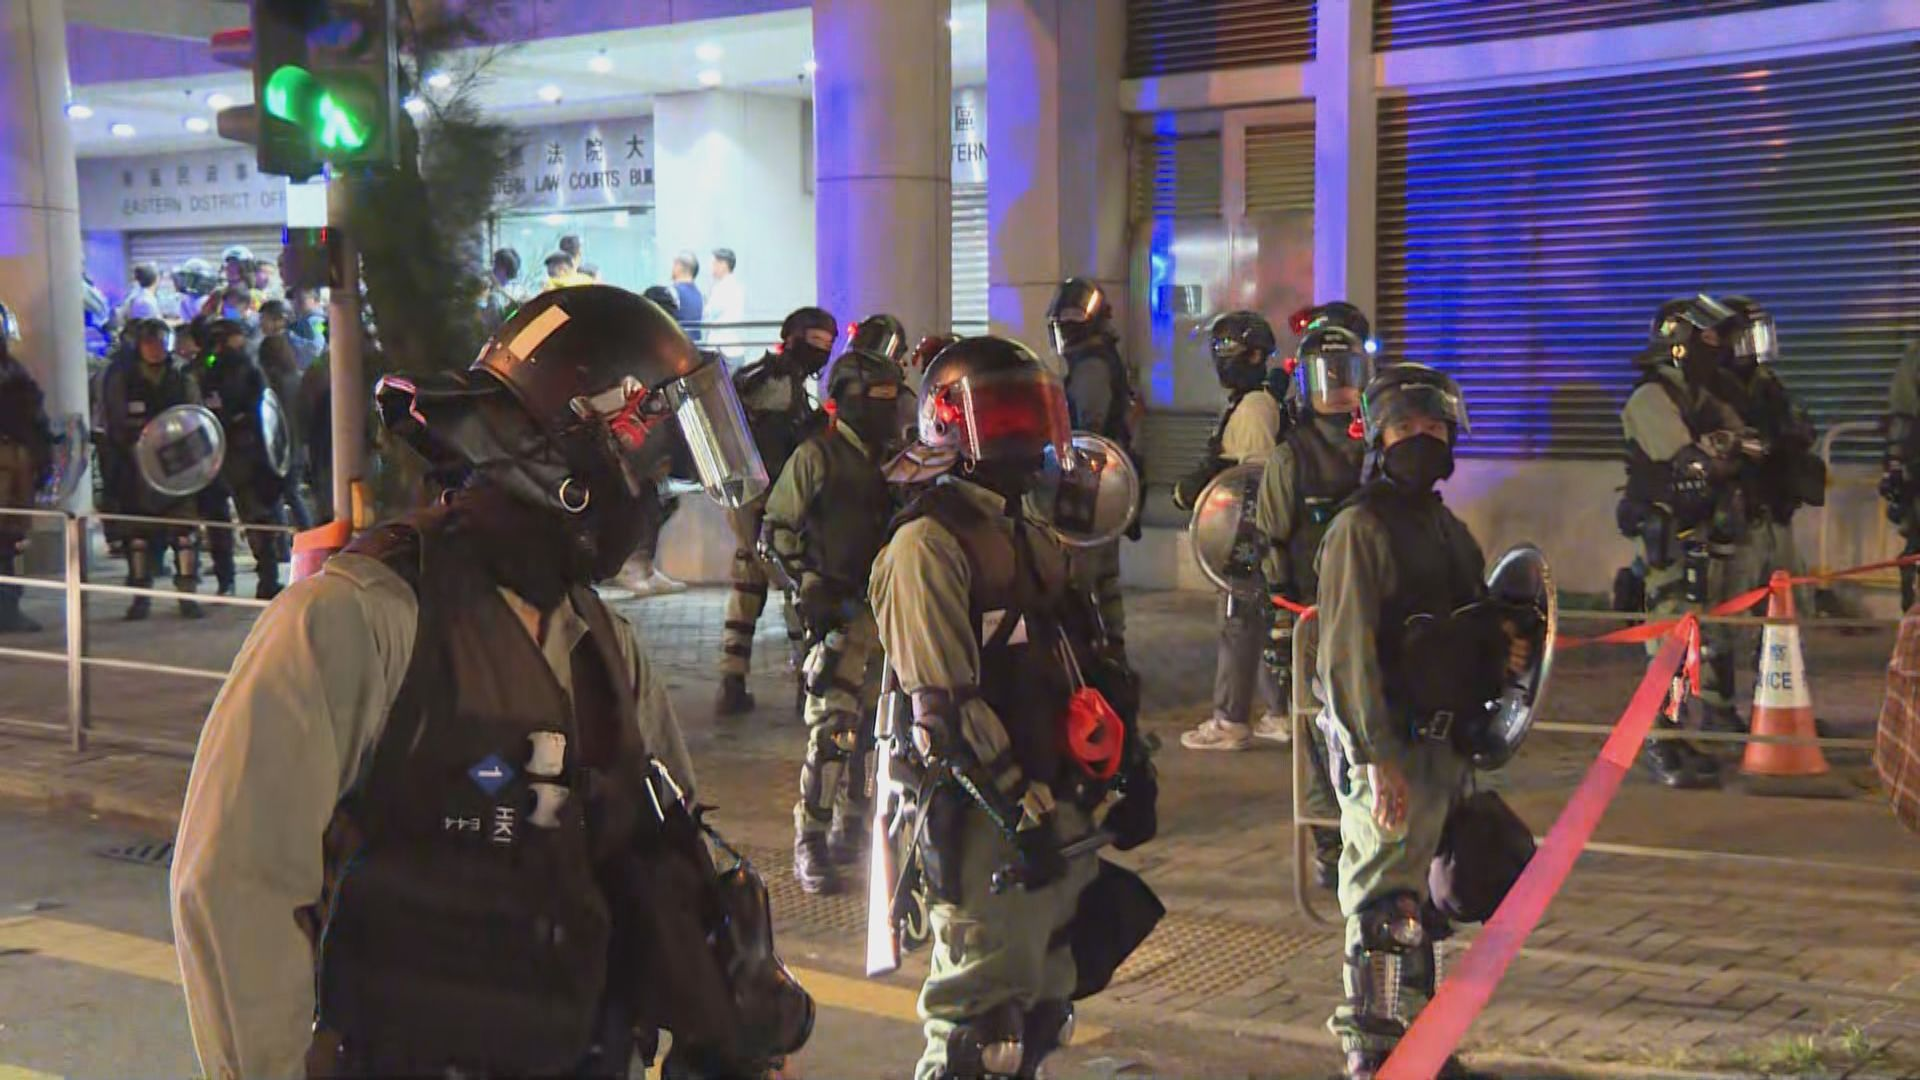 大批警員法院外戒備 即時再拘捕被告